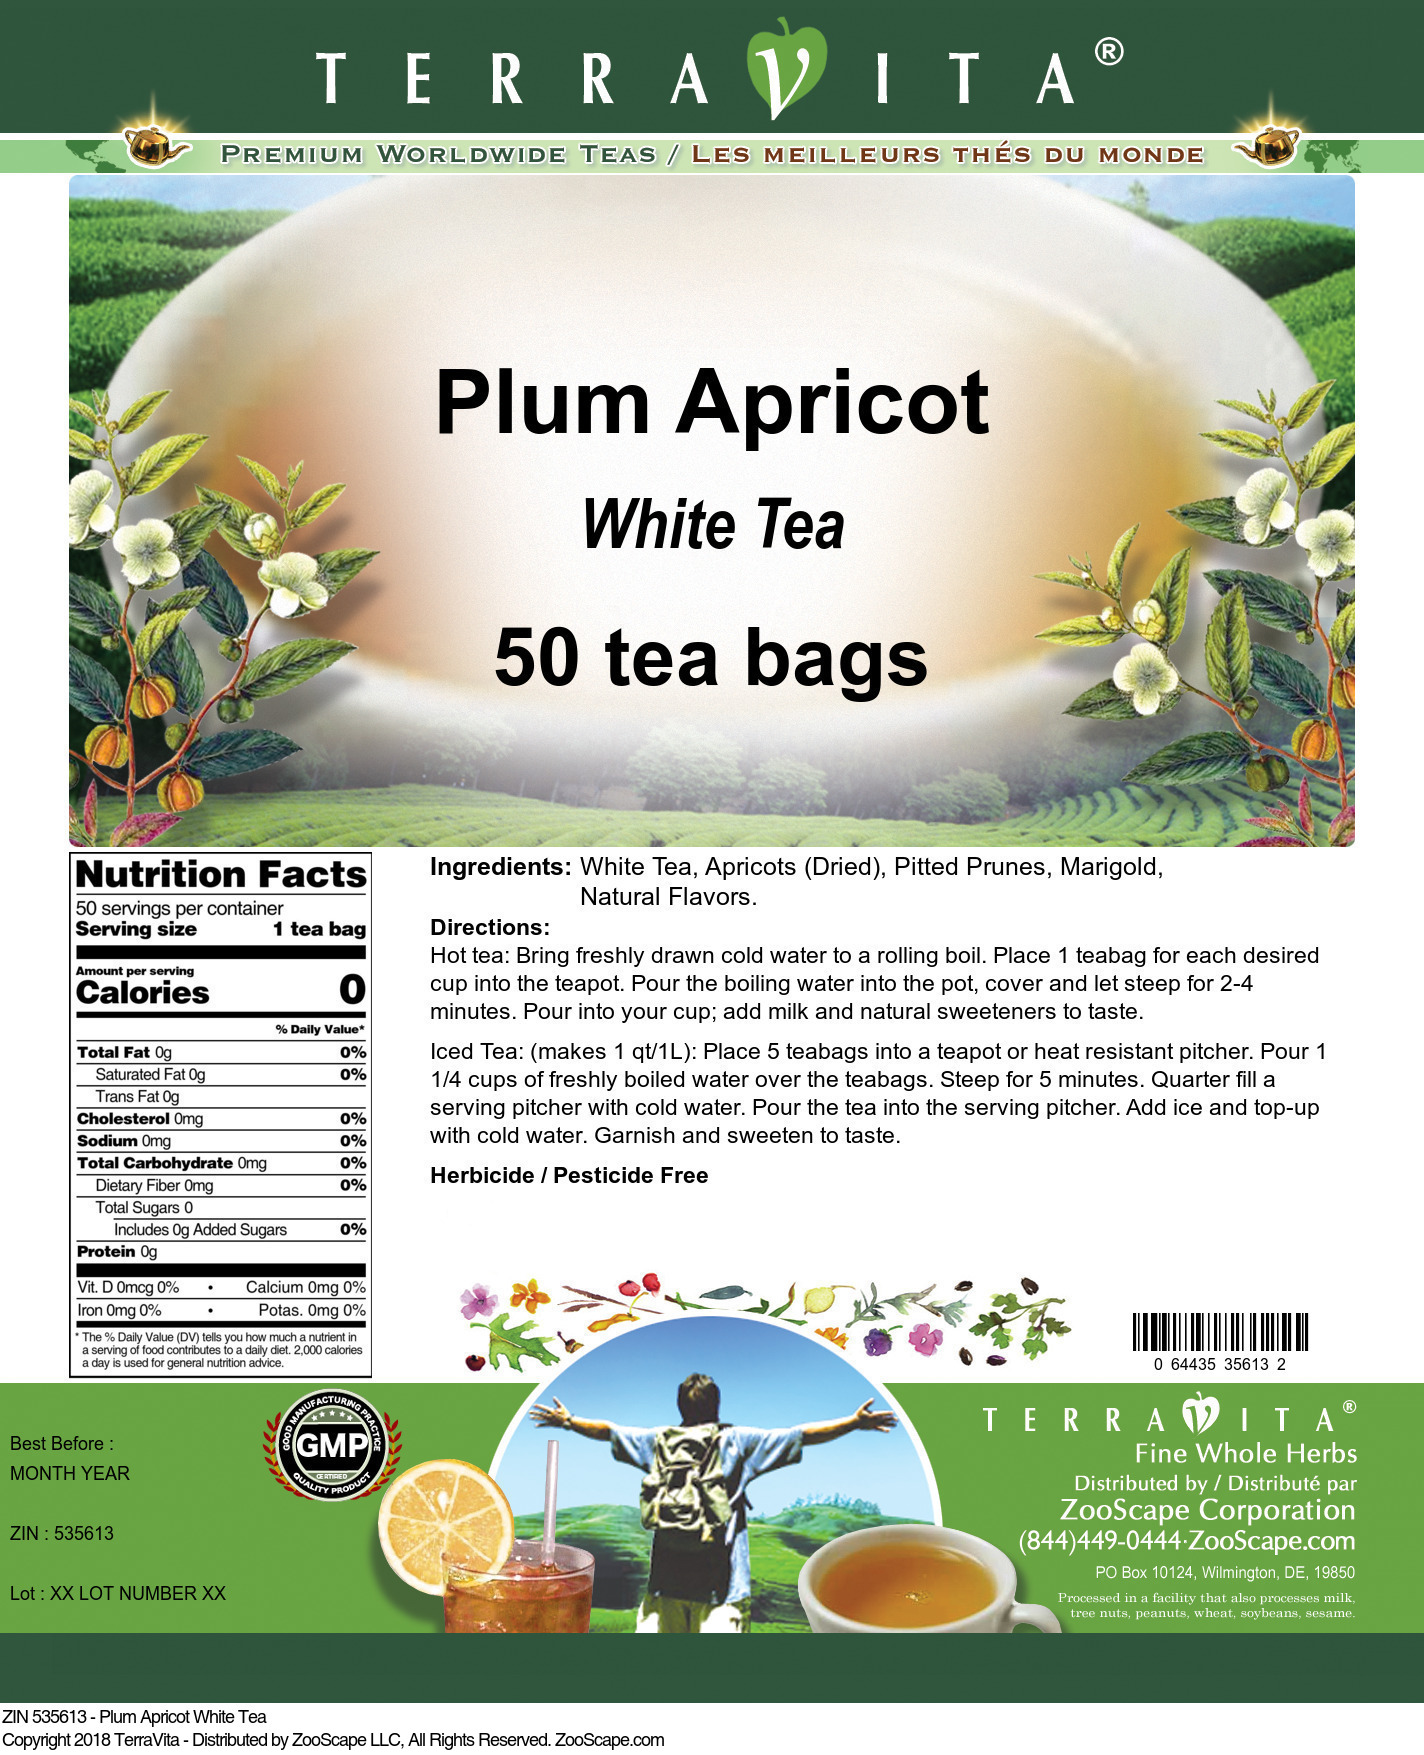 Plum Apricot White Tea